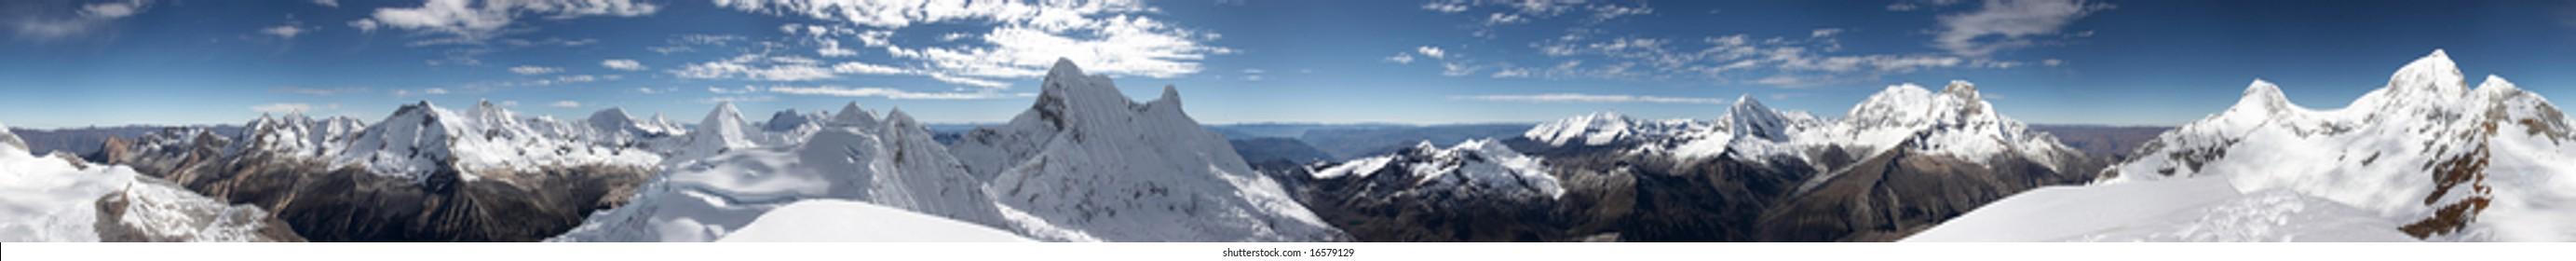 Summit 360 degree panorama